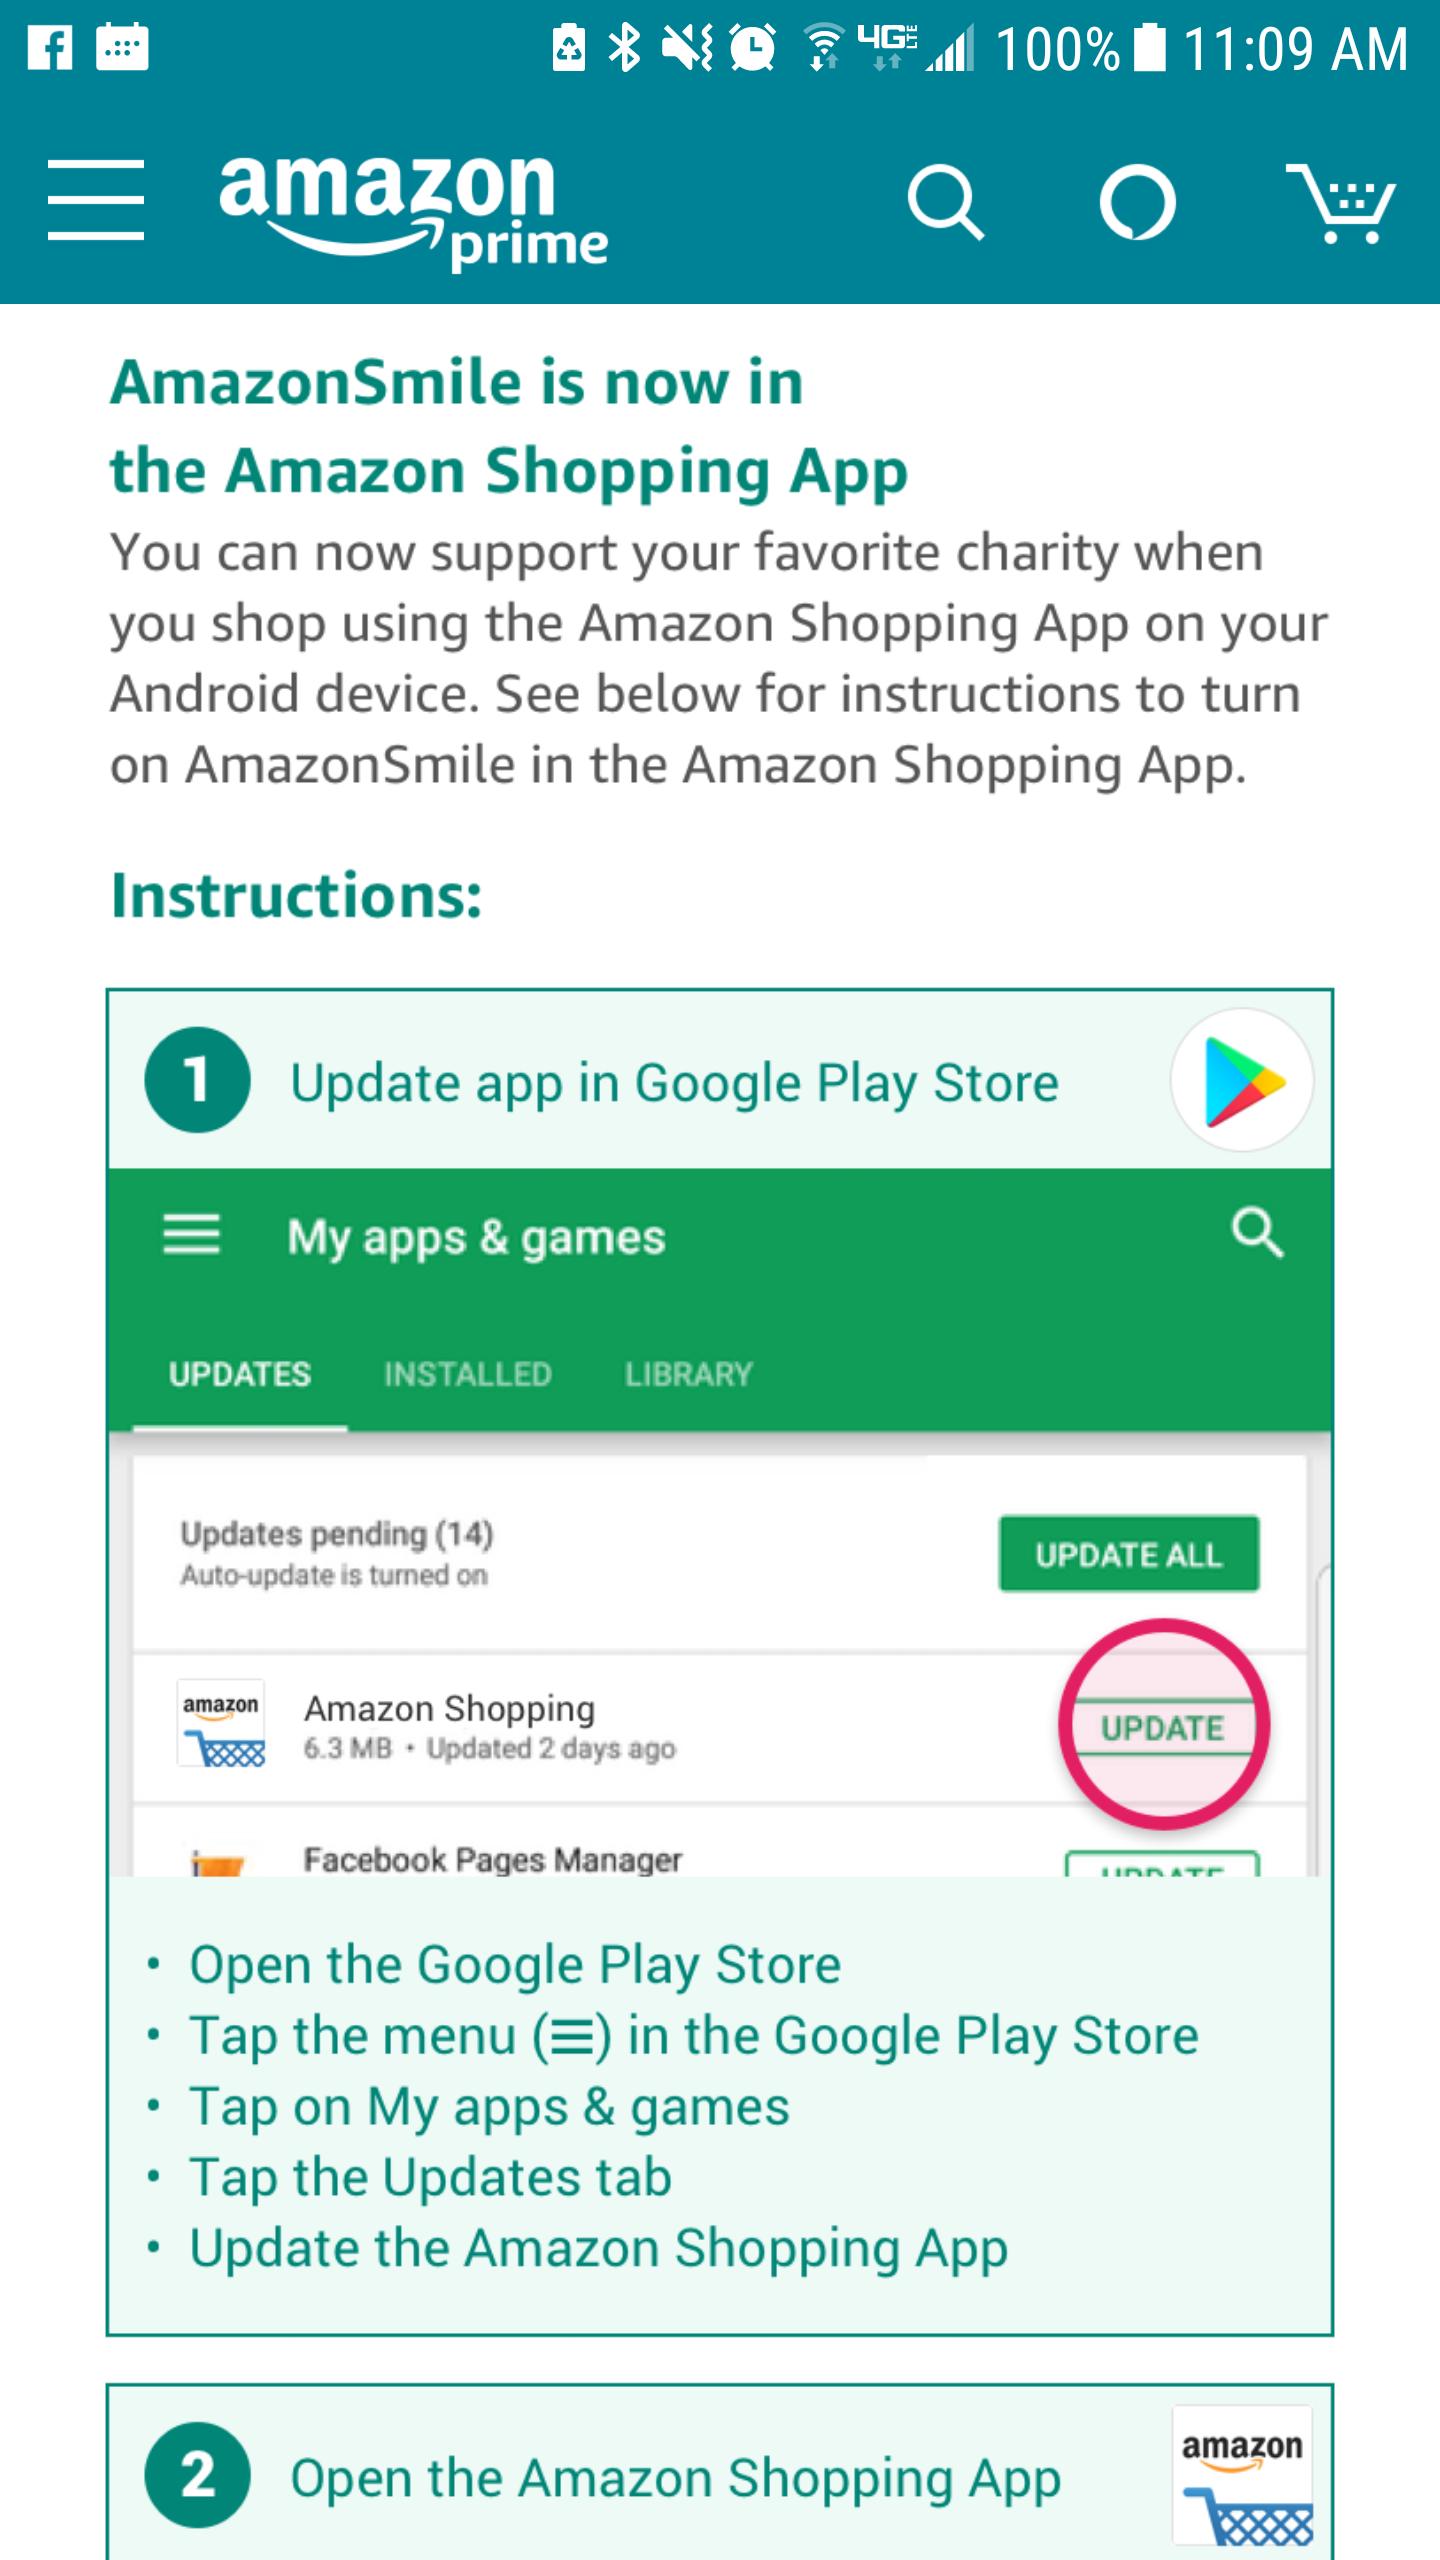 1. Update App in Google Play Store